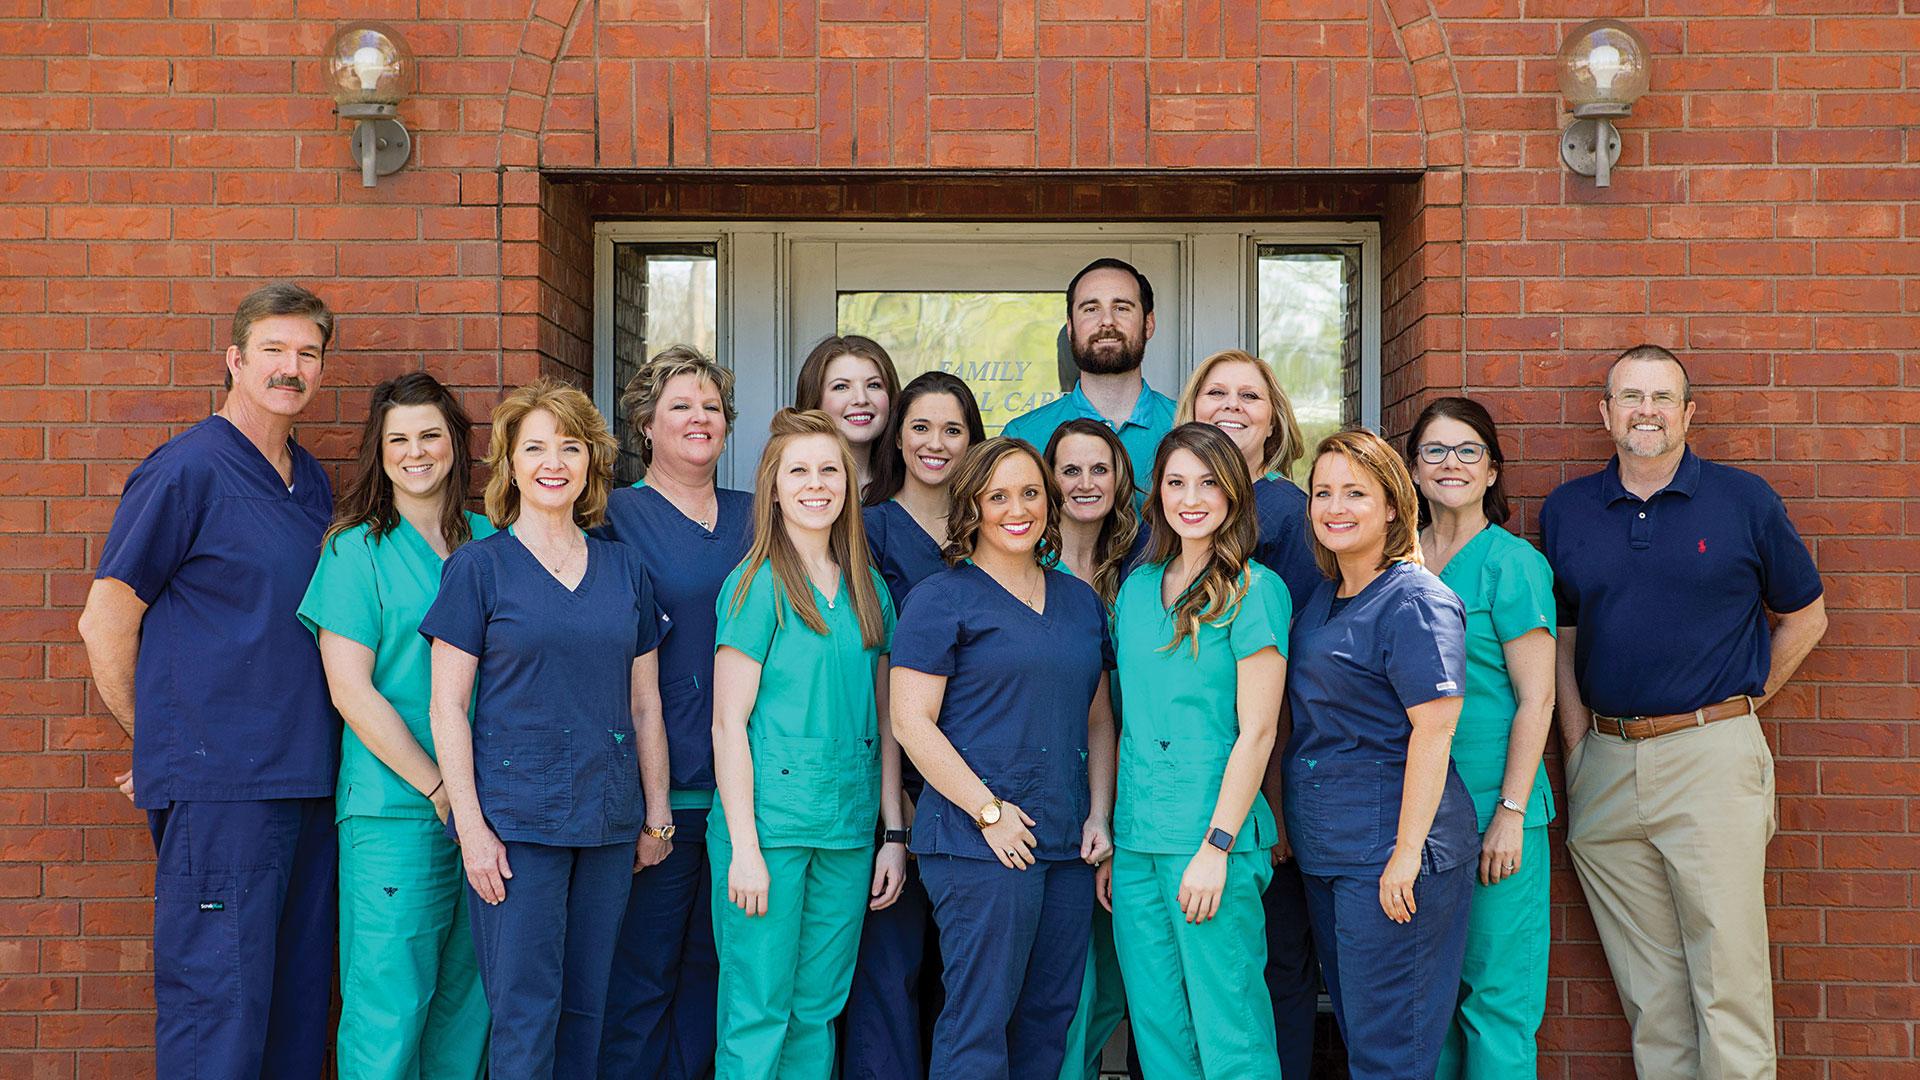 Fiser Family Dental Care